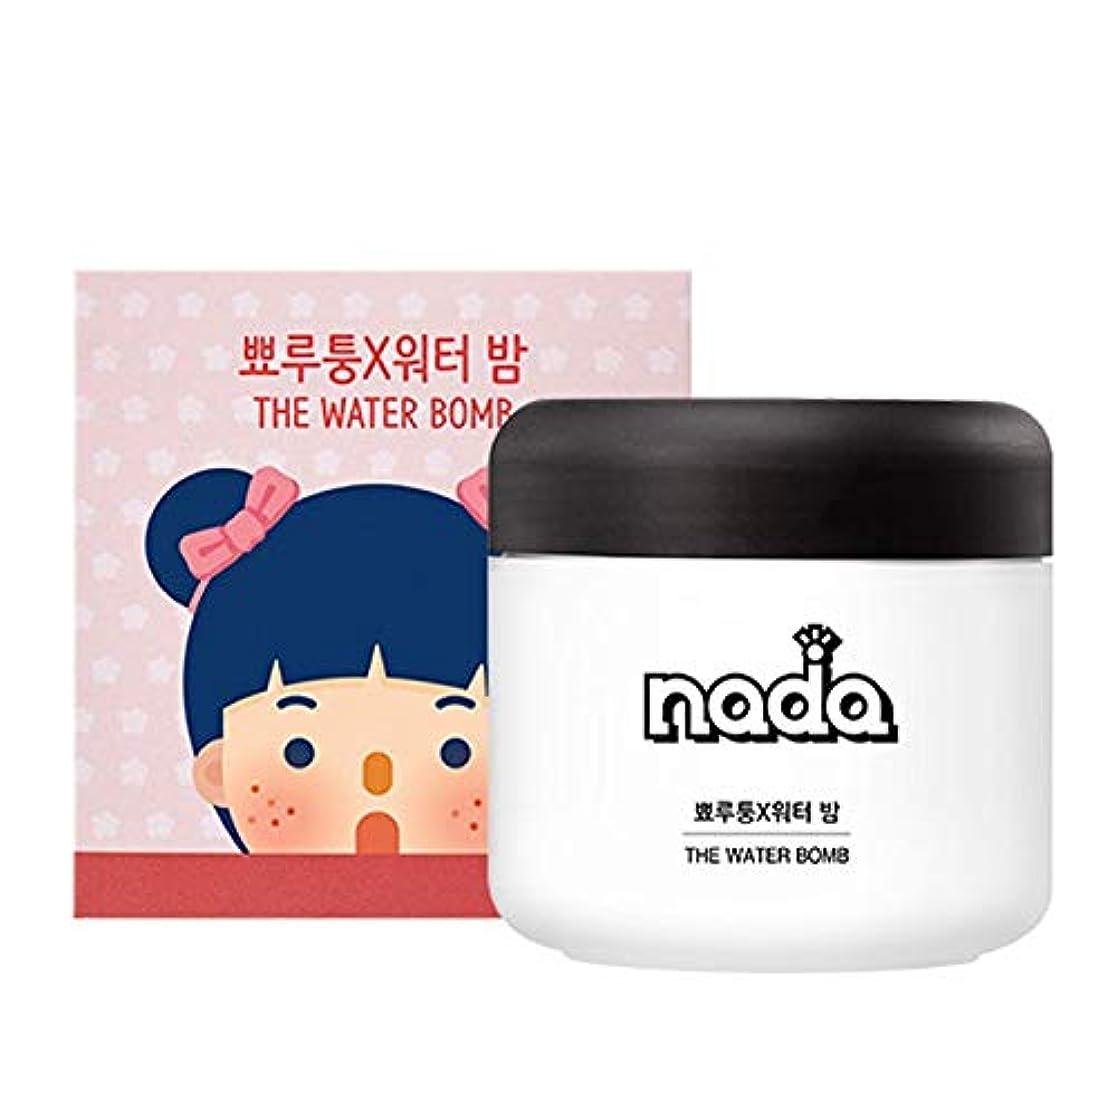 美的堤防ただやるBEST韓国水爆弾50グラムモイスチャライジングフェイスクリームケア寧アンチリンクル化粧品NADA